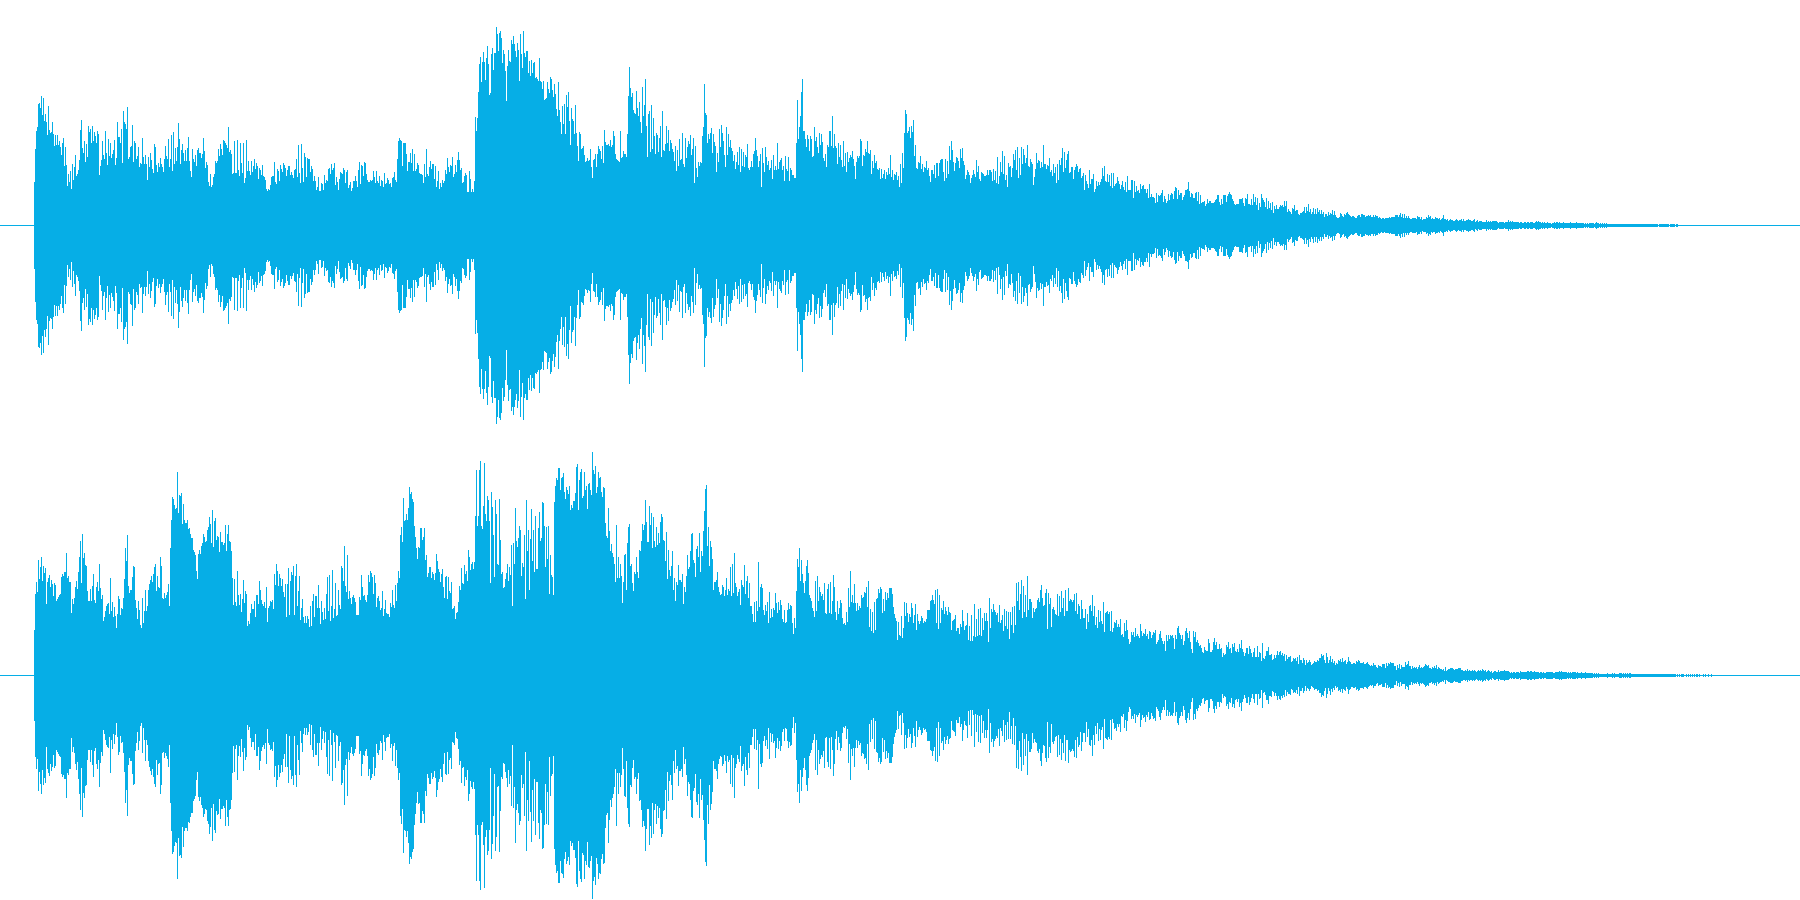 澄んだ空気のインスピレーション映像ロゴの再生済みの波形